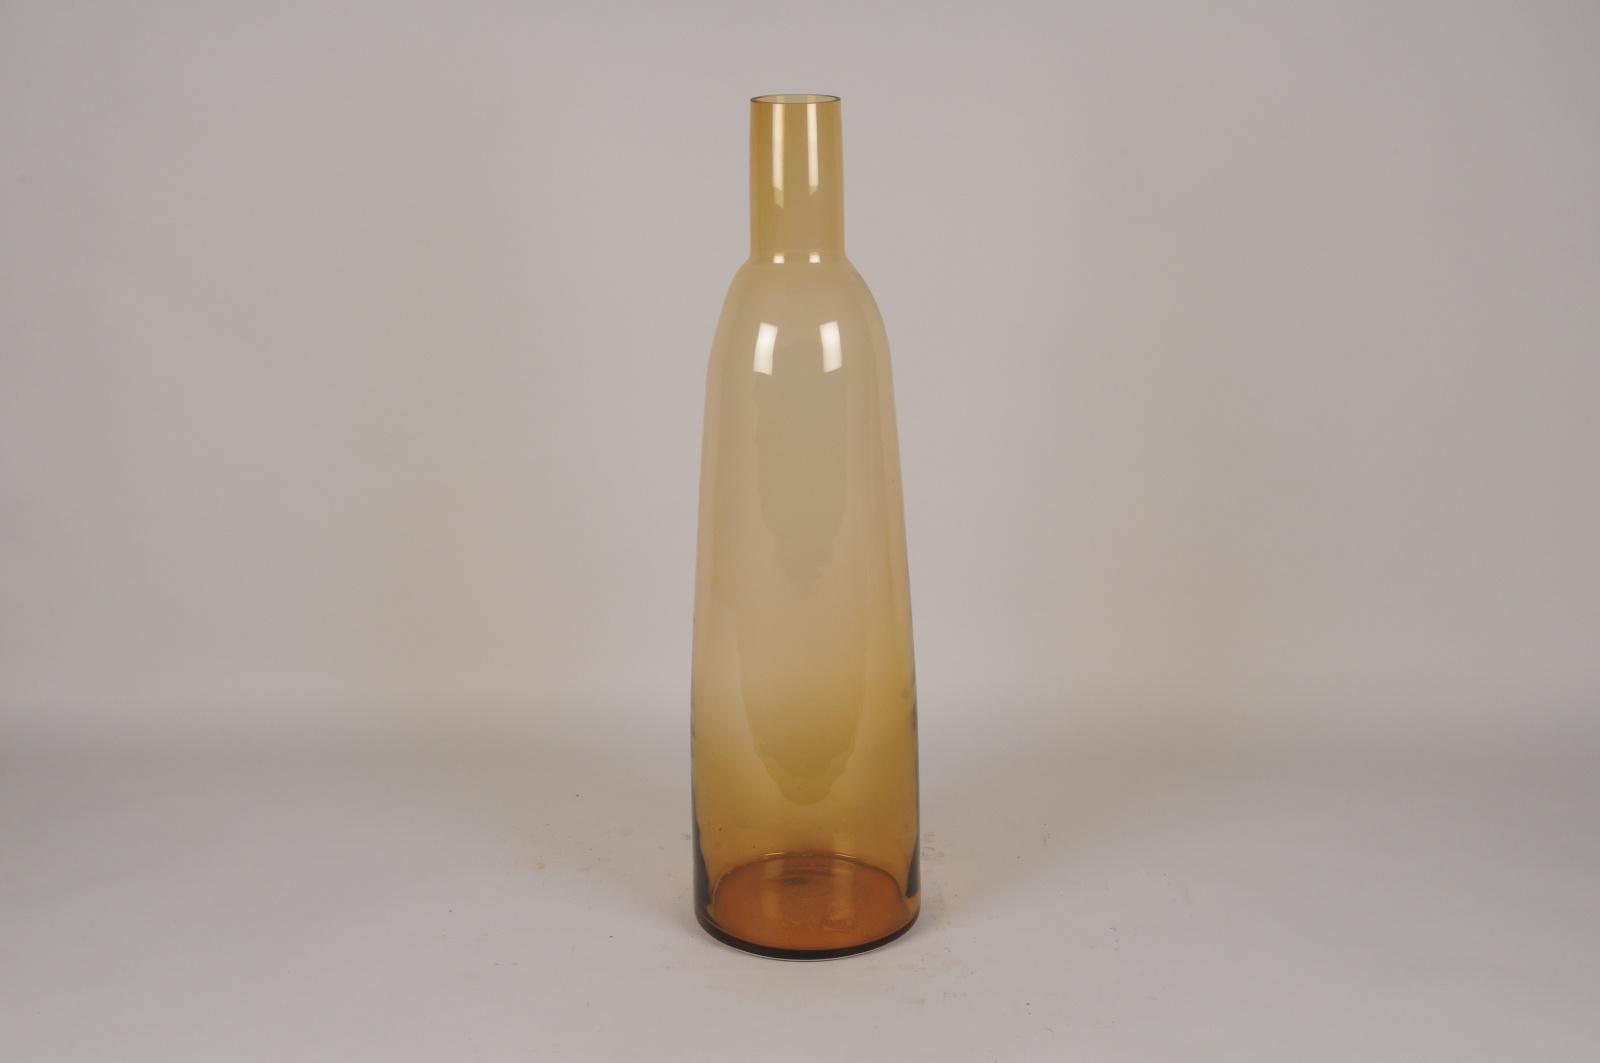 A038W3 Vase en verre ambre D21cm H77.5cm